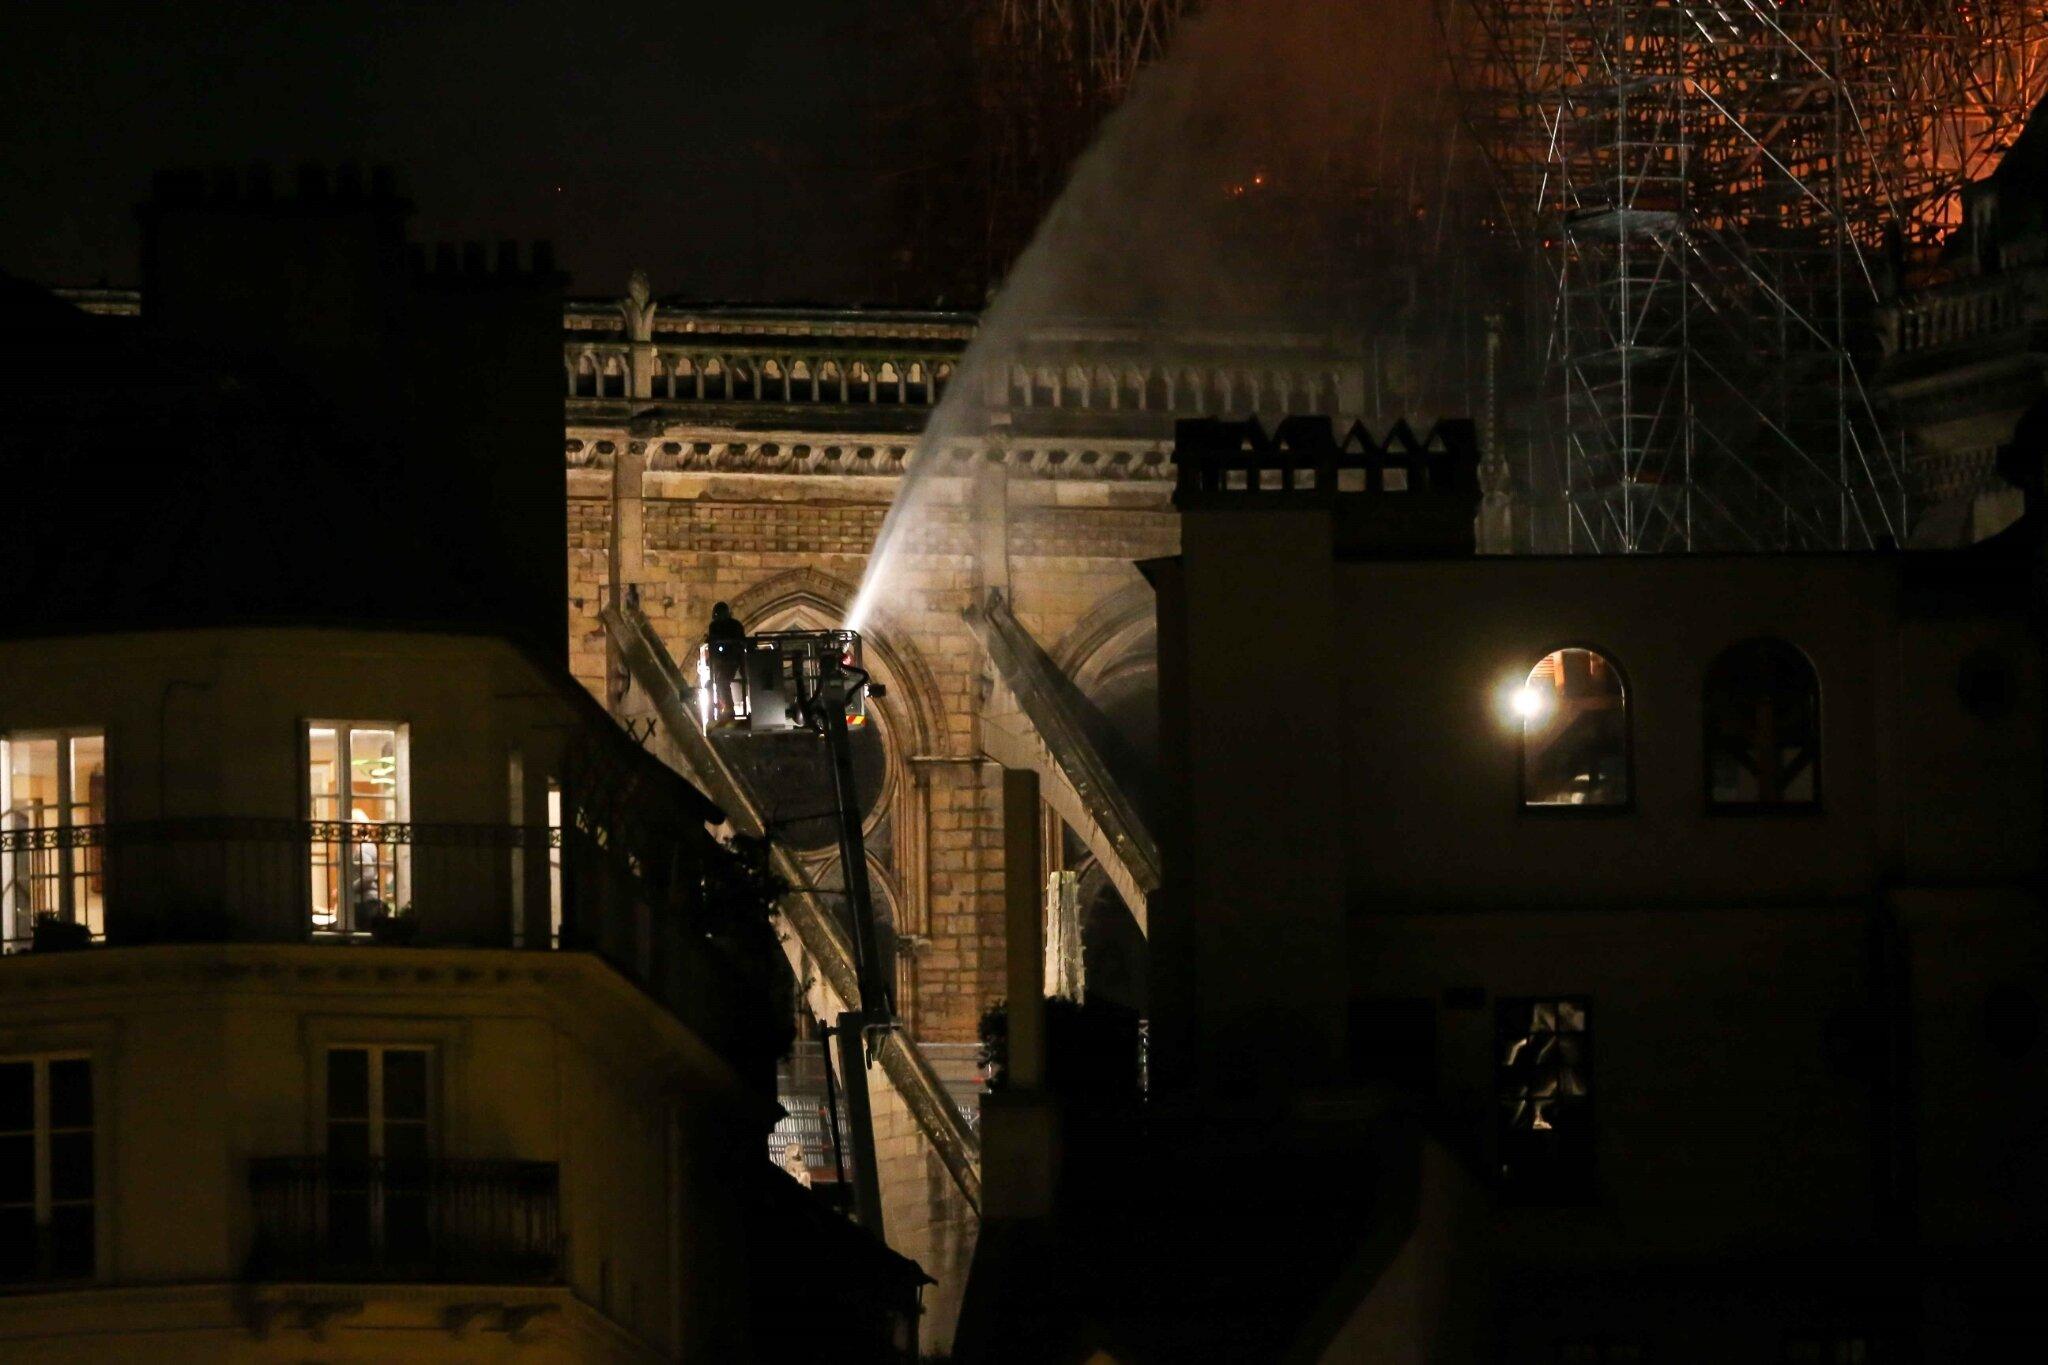 Incendie de Notre-Dame de Paris : la France pleure sa cathédrale. © Michel Stoupak. Lun 15.04.2019, 20h52m12.